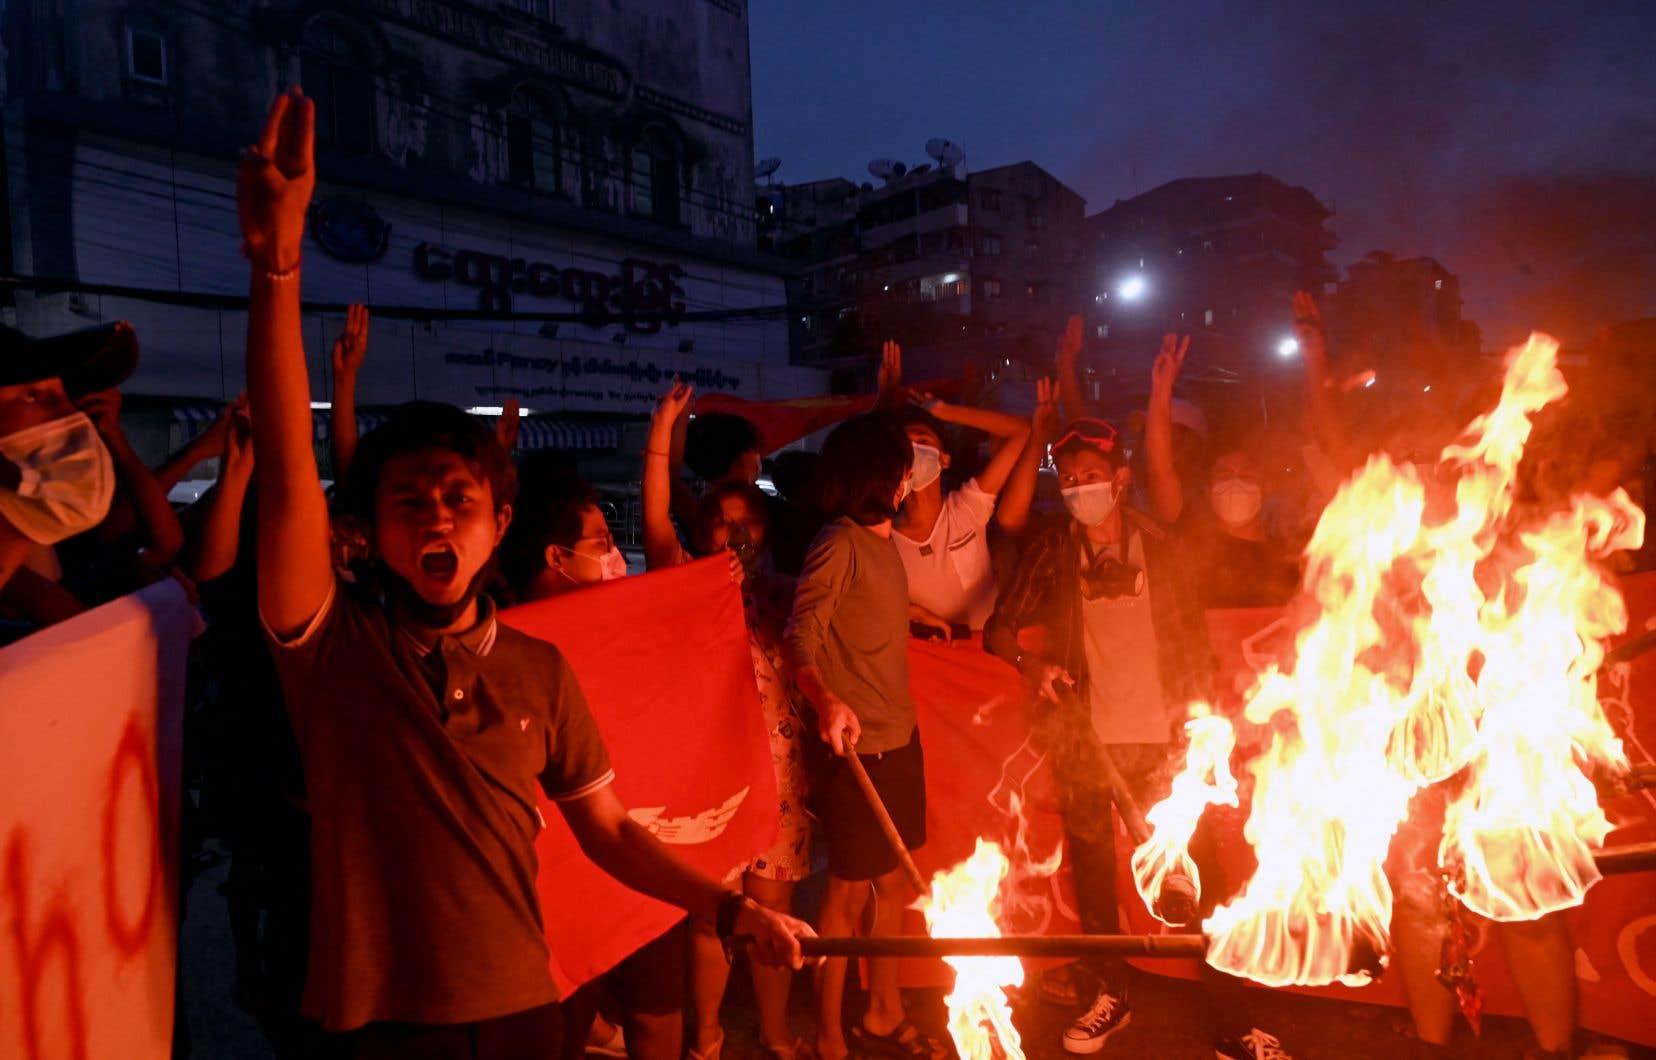 De petites manifestations ont été organisées, comme ici jeudi à Rangoun, mais la majorité des Myanmarais sont restés enfermés chez eux, terrorisés par la violence des forces de sécurité et la flambée épidémique.